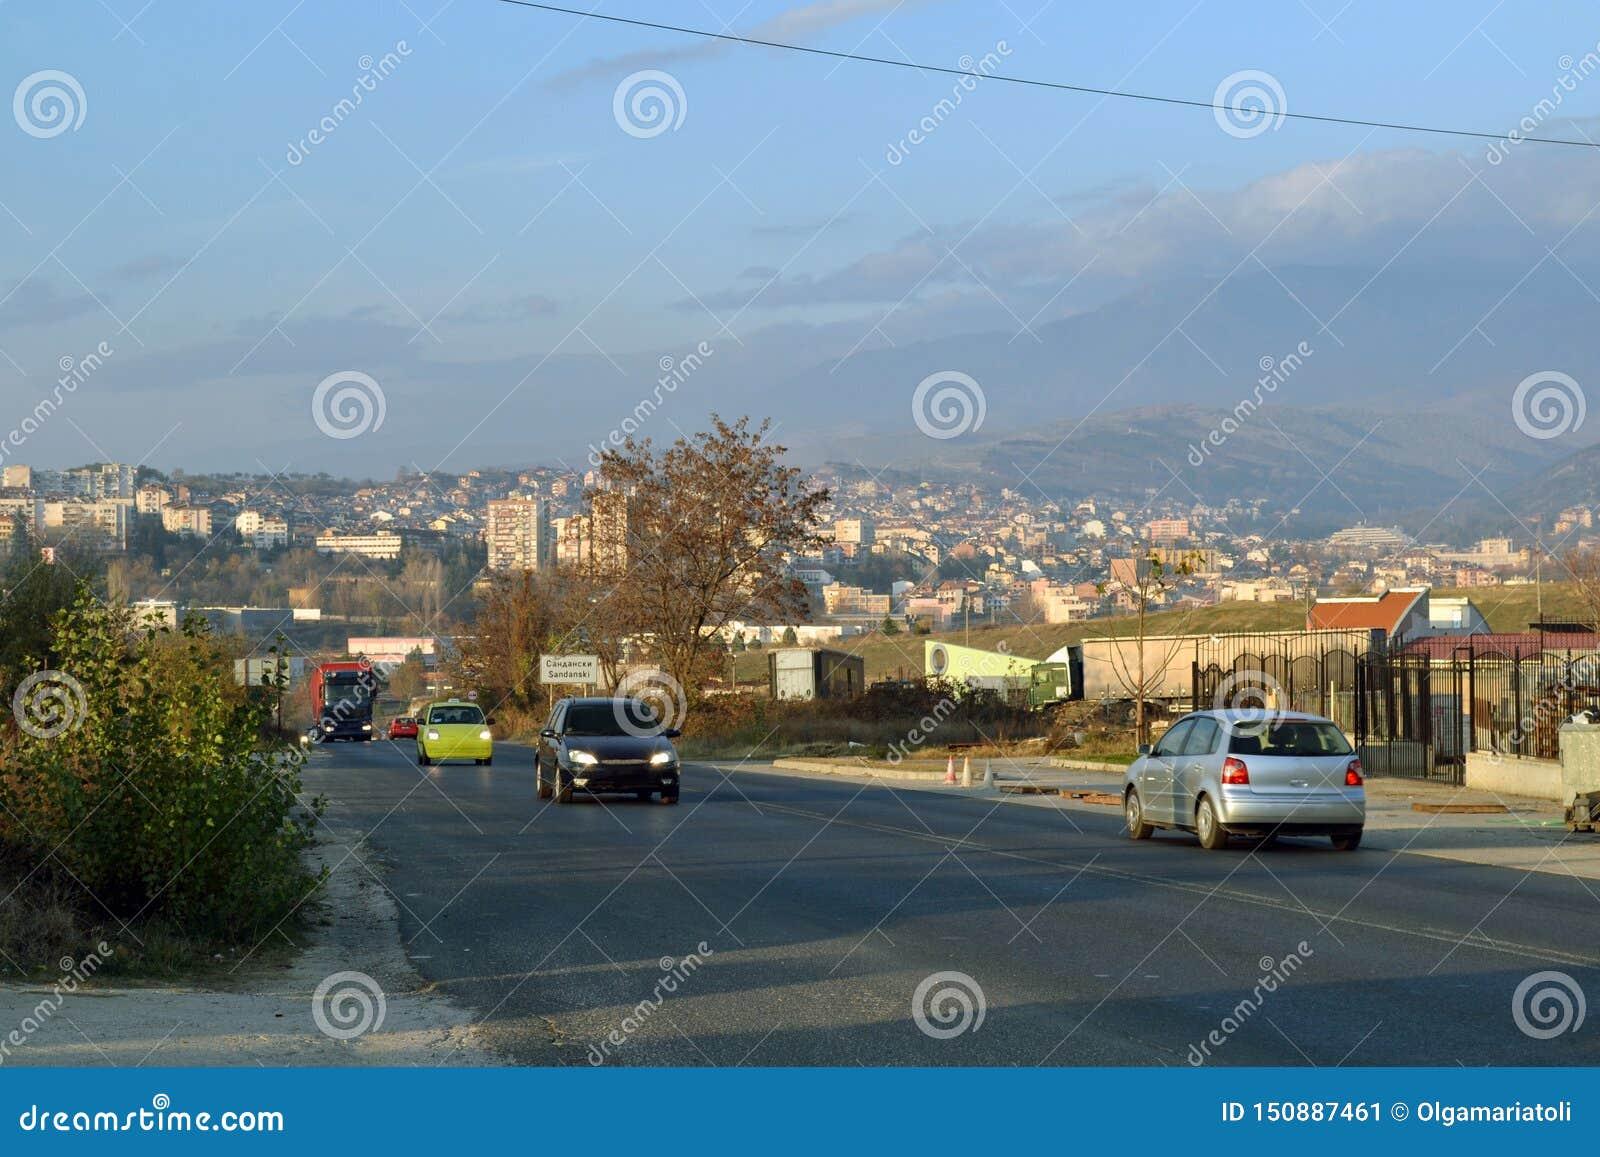 Entering Sandanski in Blagoevgrad province, Bulgaria